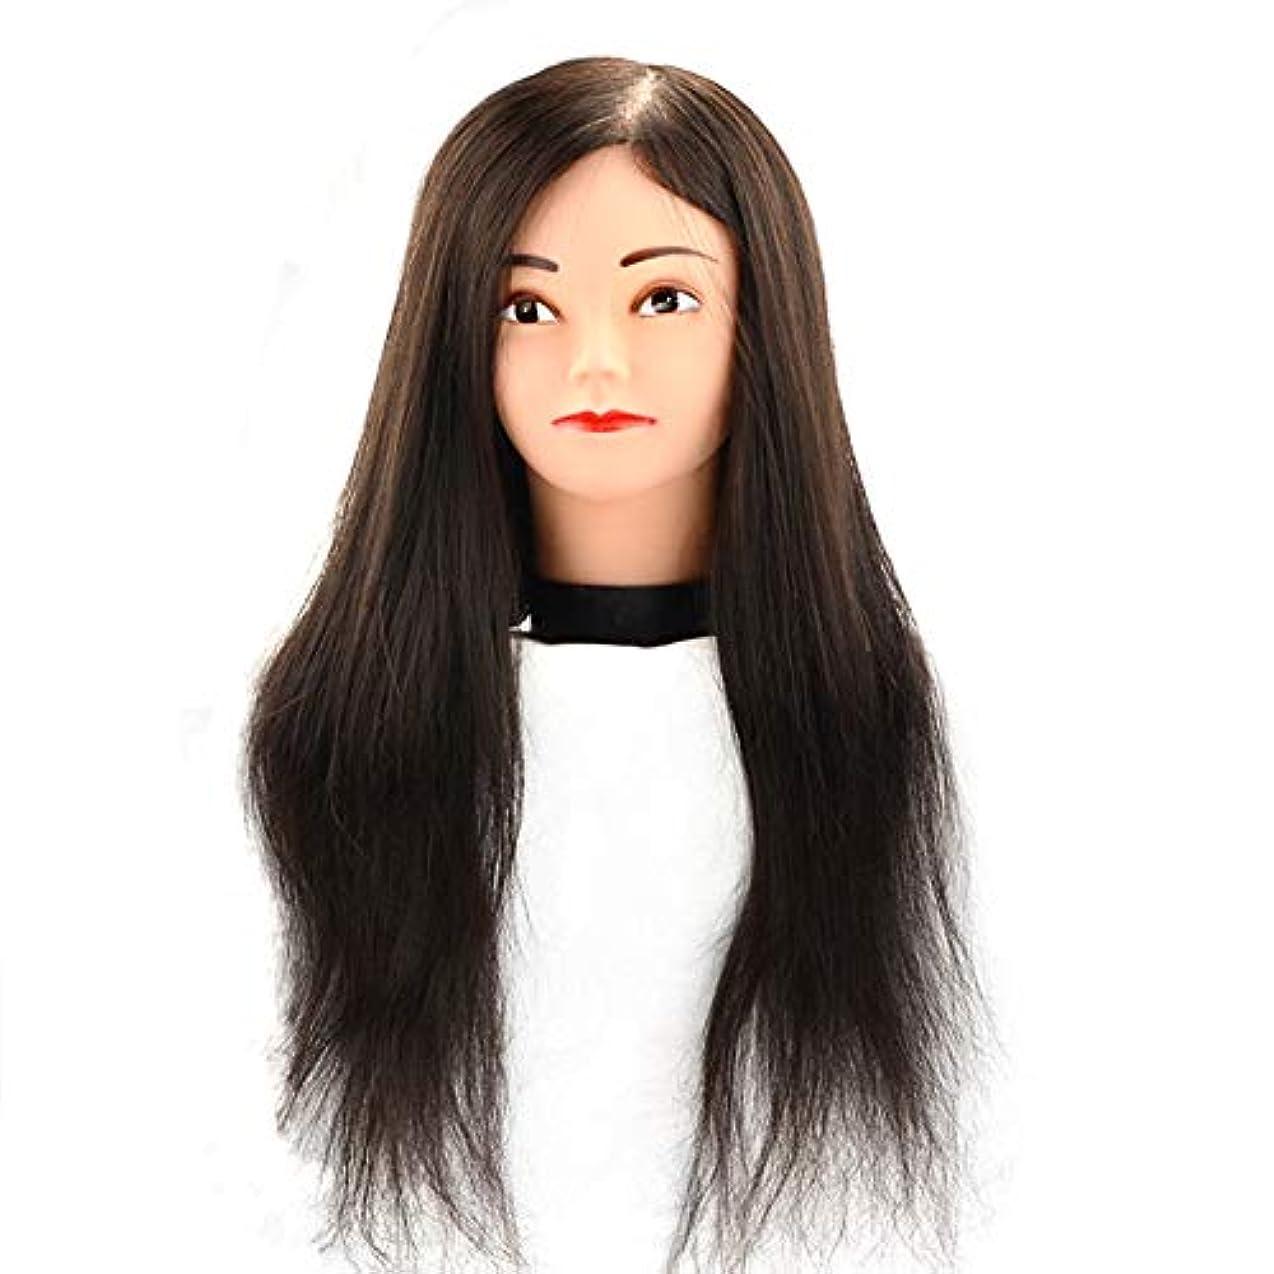 ヒョウエンジニアデンマーク理髪店パーマ染め髪ダミー練習ヘッド花嫁ディスク髪編組学習ヘッドモデルヘアマネキンヘッド